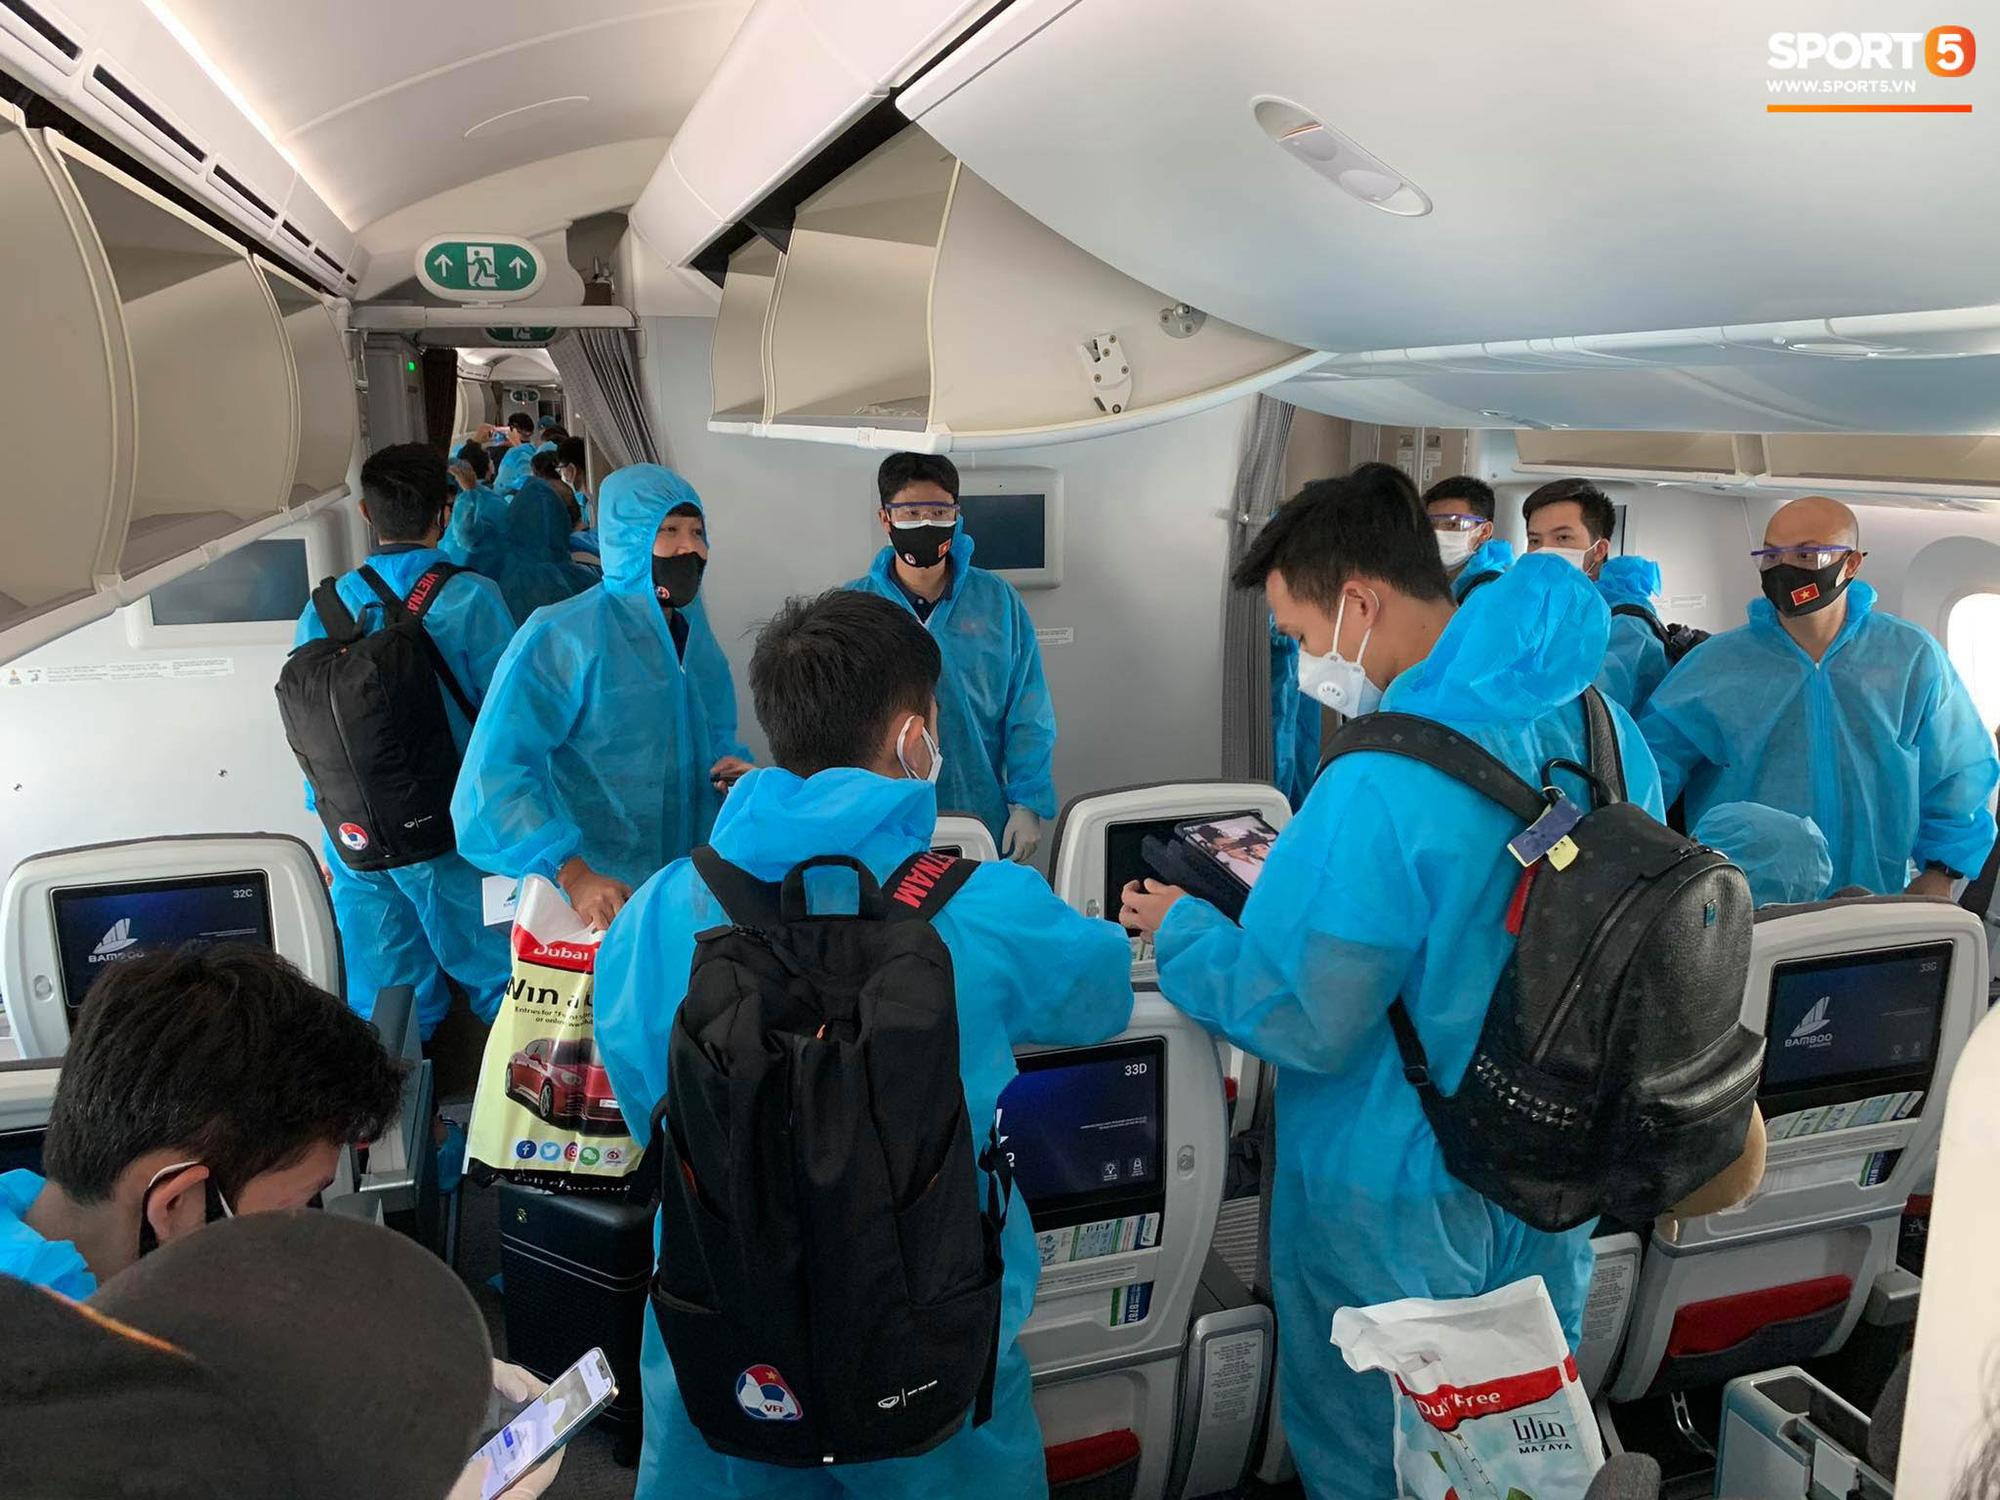 Hậu vệ tuyển Việt Nam ngẩn ngơ vì bị thất lạc điện thoại từ UAE - Ảnh 3.